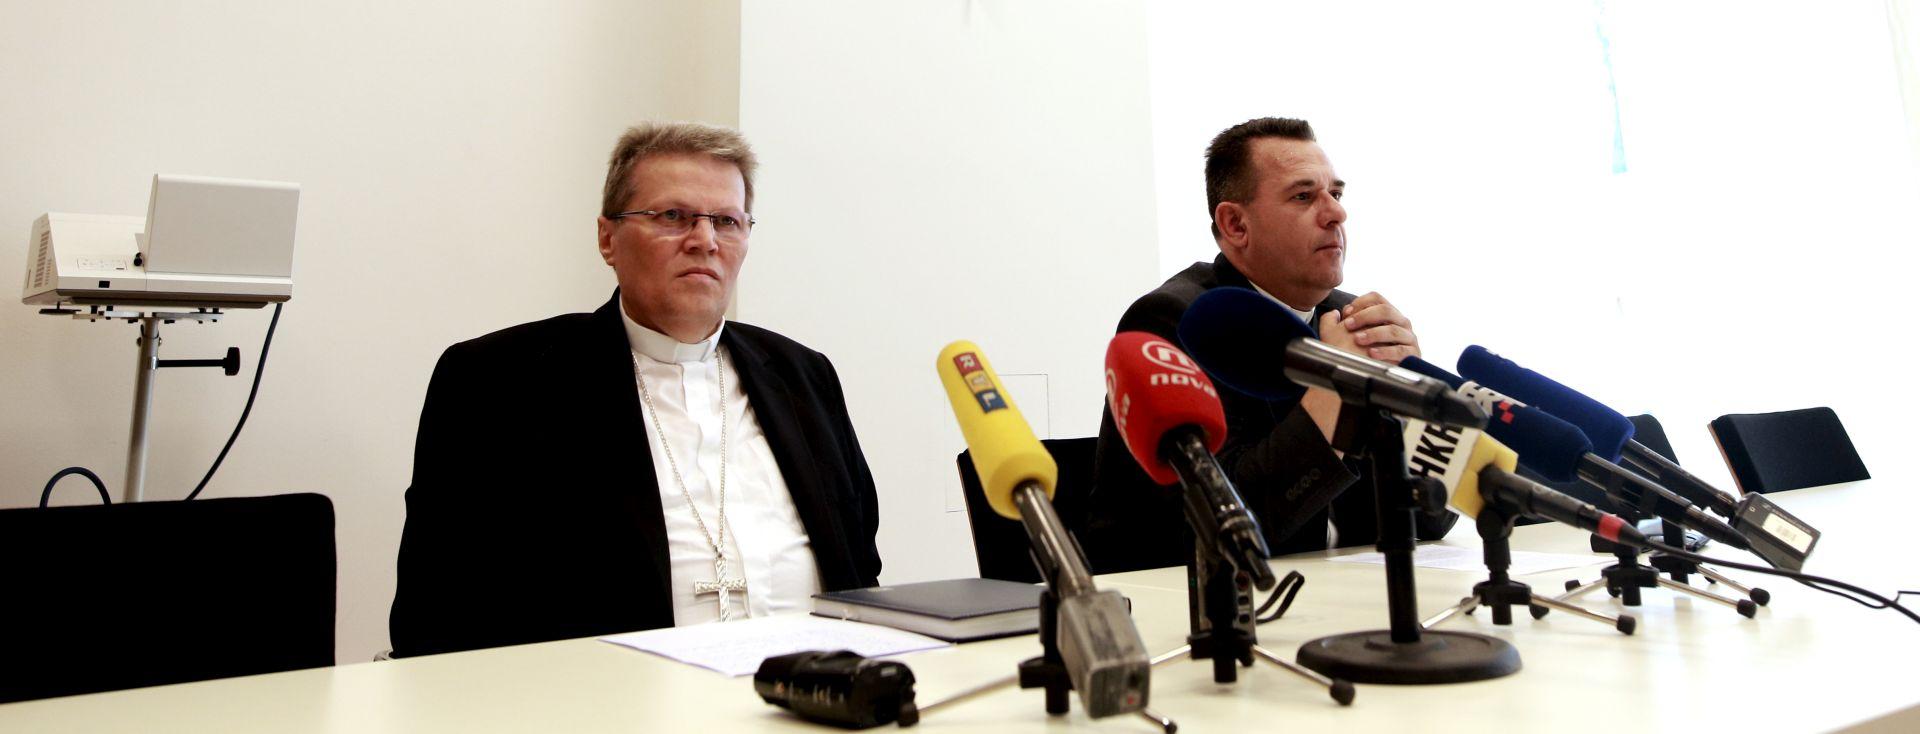 """VIDEO: BISKUPI """"I Plenković ima što pročitati u ovoj izjavi"""""""